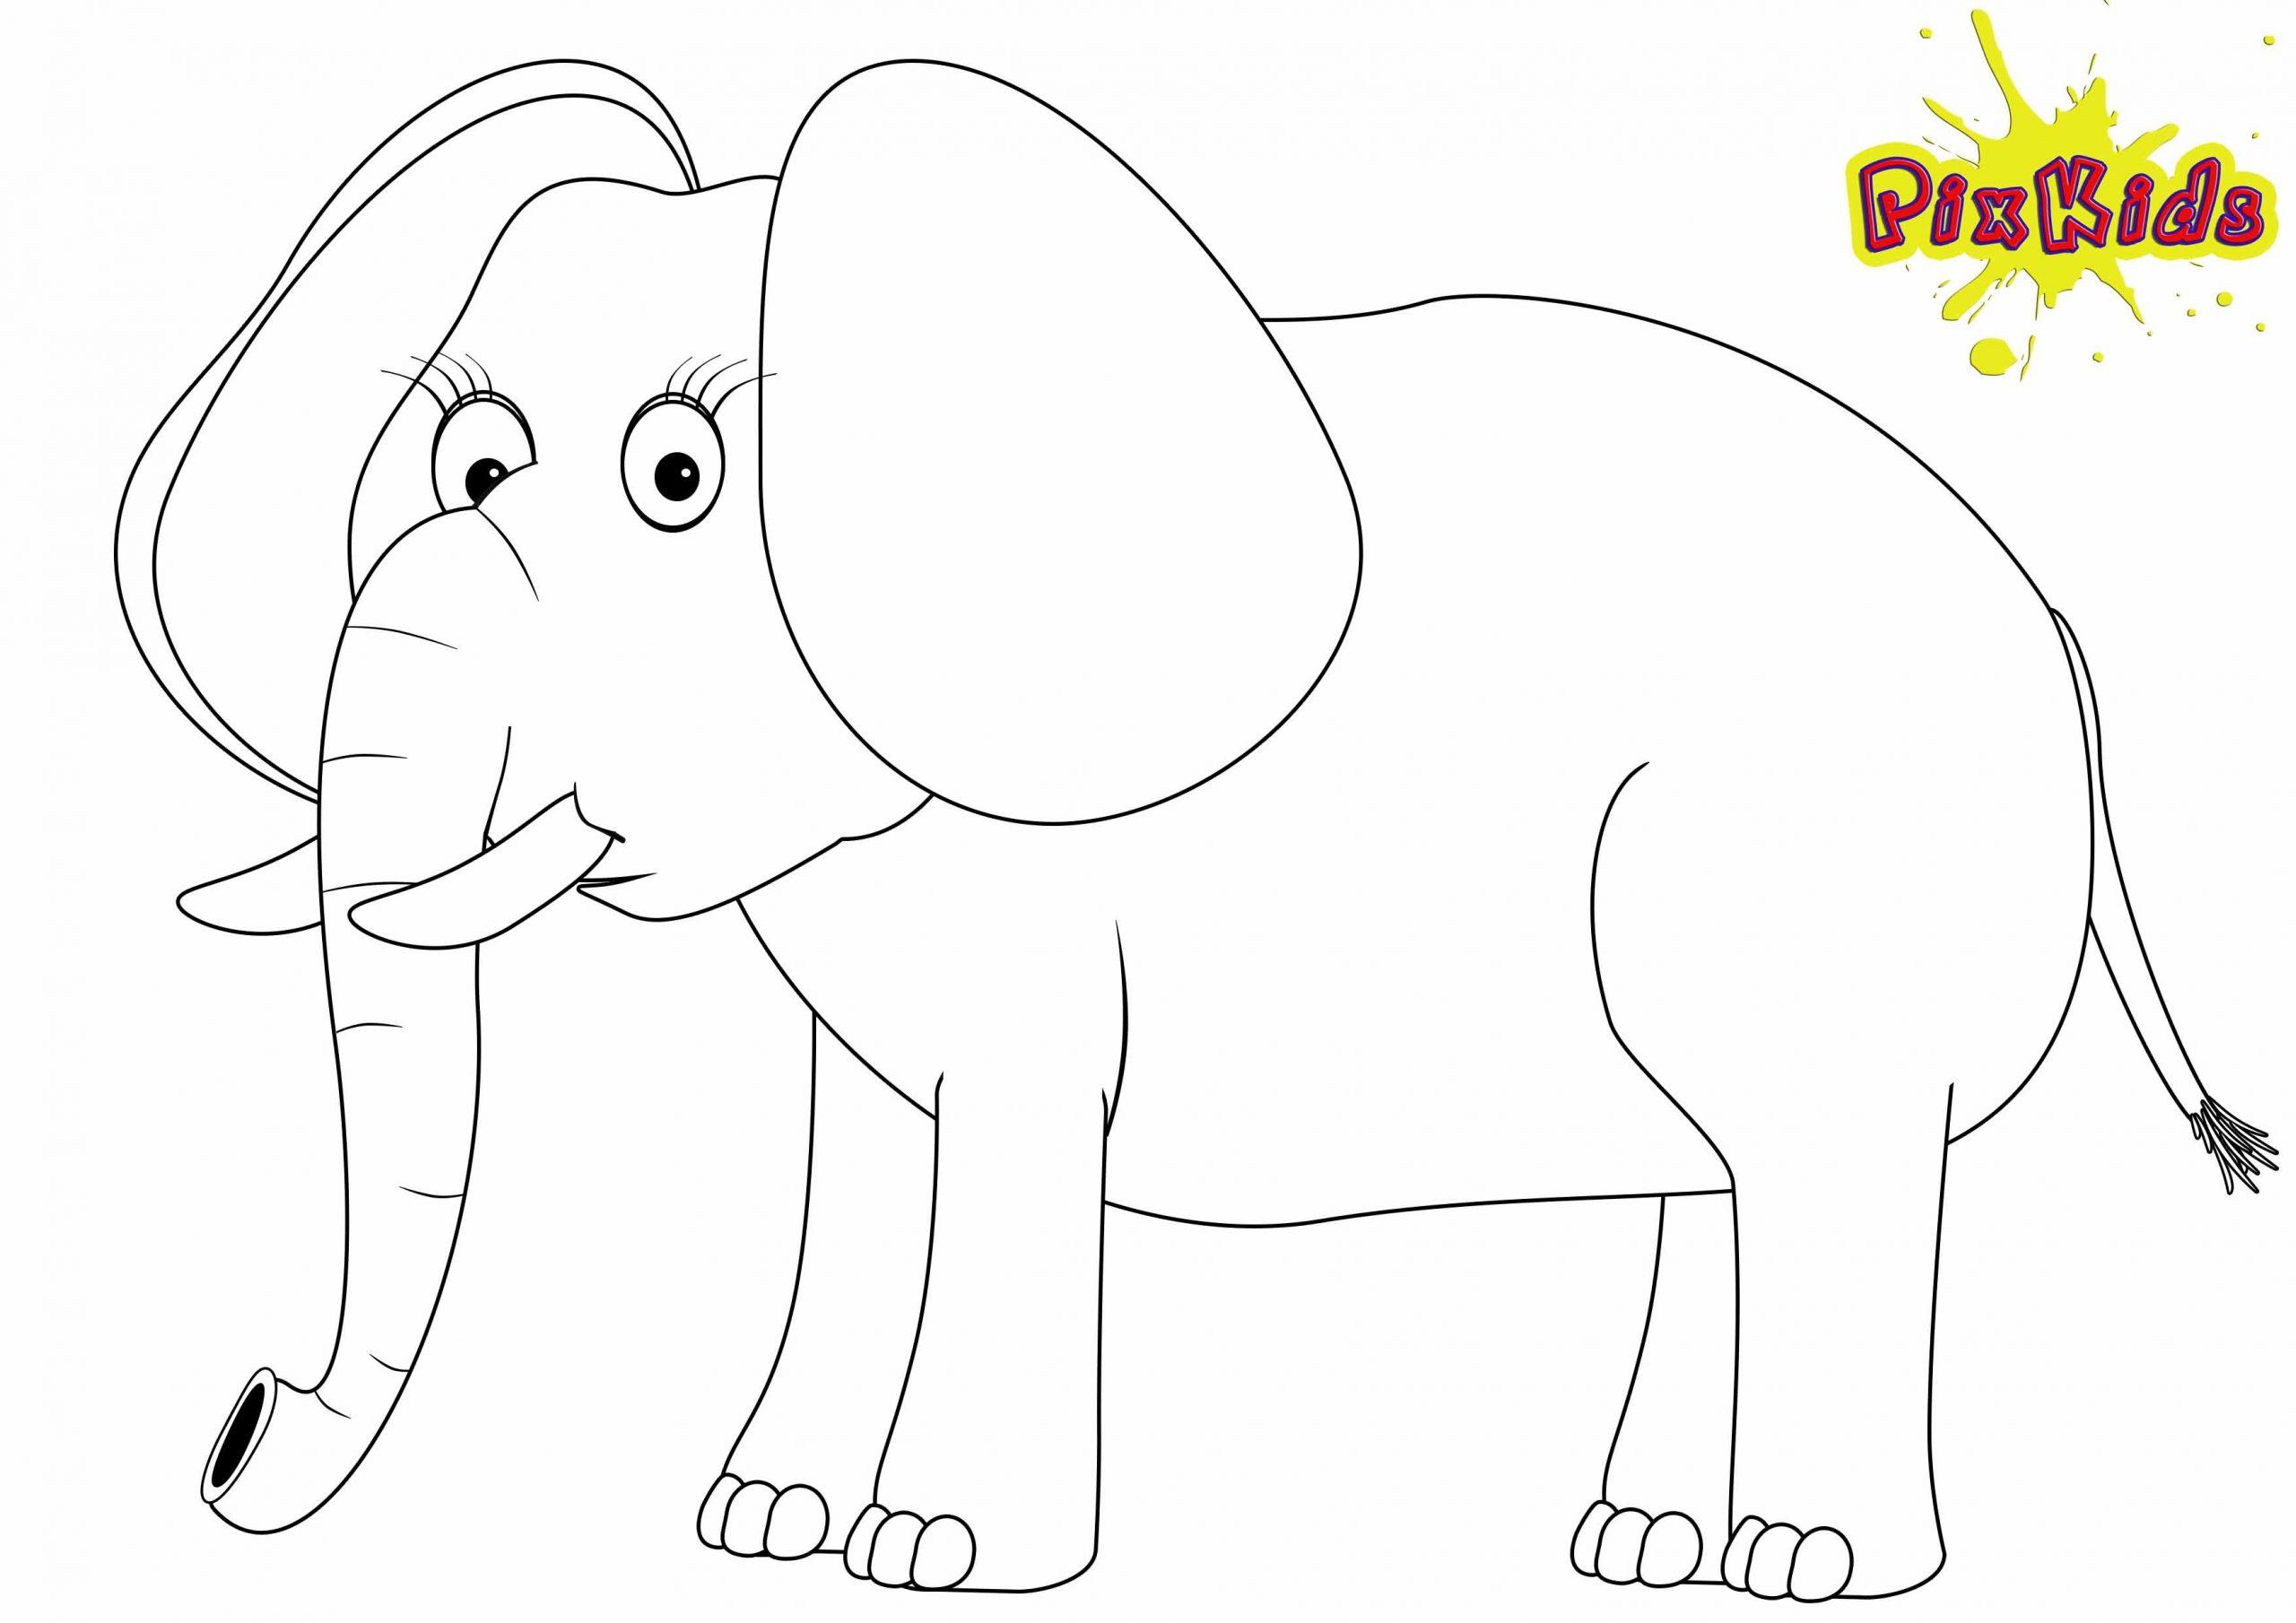 Tiere Archive Kostenlose Malvorlagen Elefanten - Malvorlagen ganzes Kostenlose Malvorlagen Für Kinder